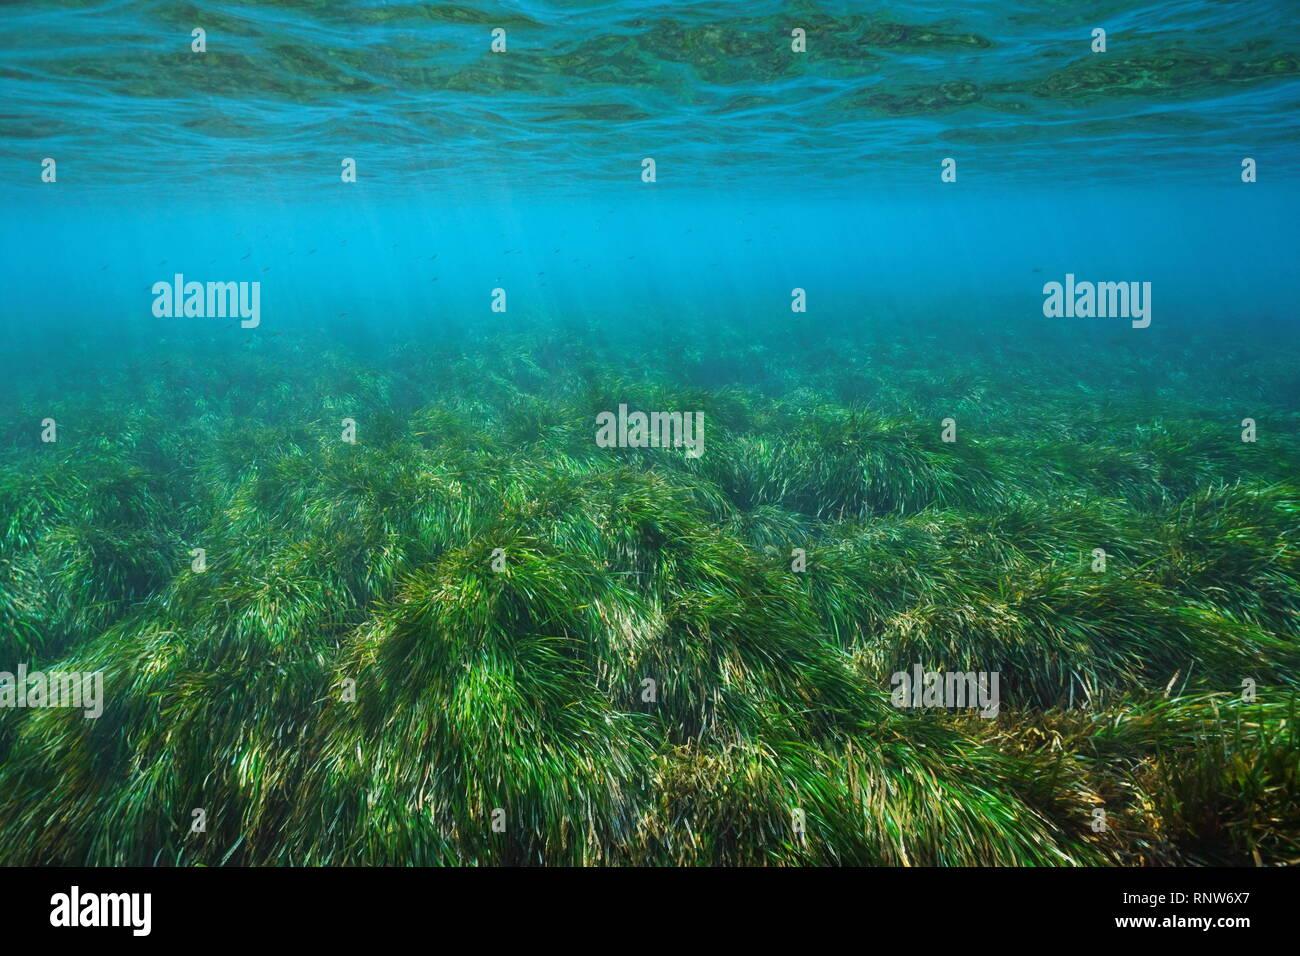 Posidonia oceanica seagrass underwater in the Mediterranean sea, Cabo de Gata Nijar, Almeria, Andalusia, Spain - Stock Image